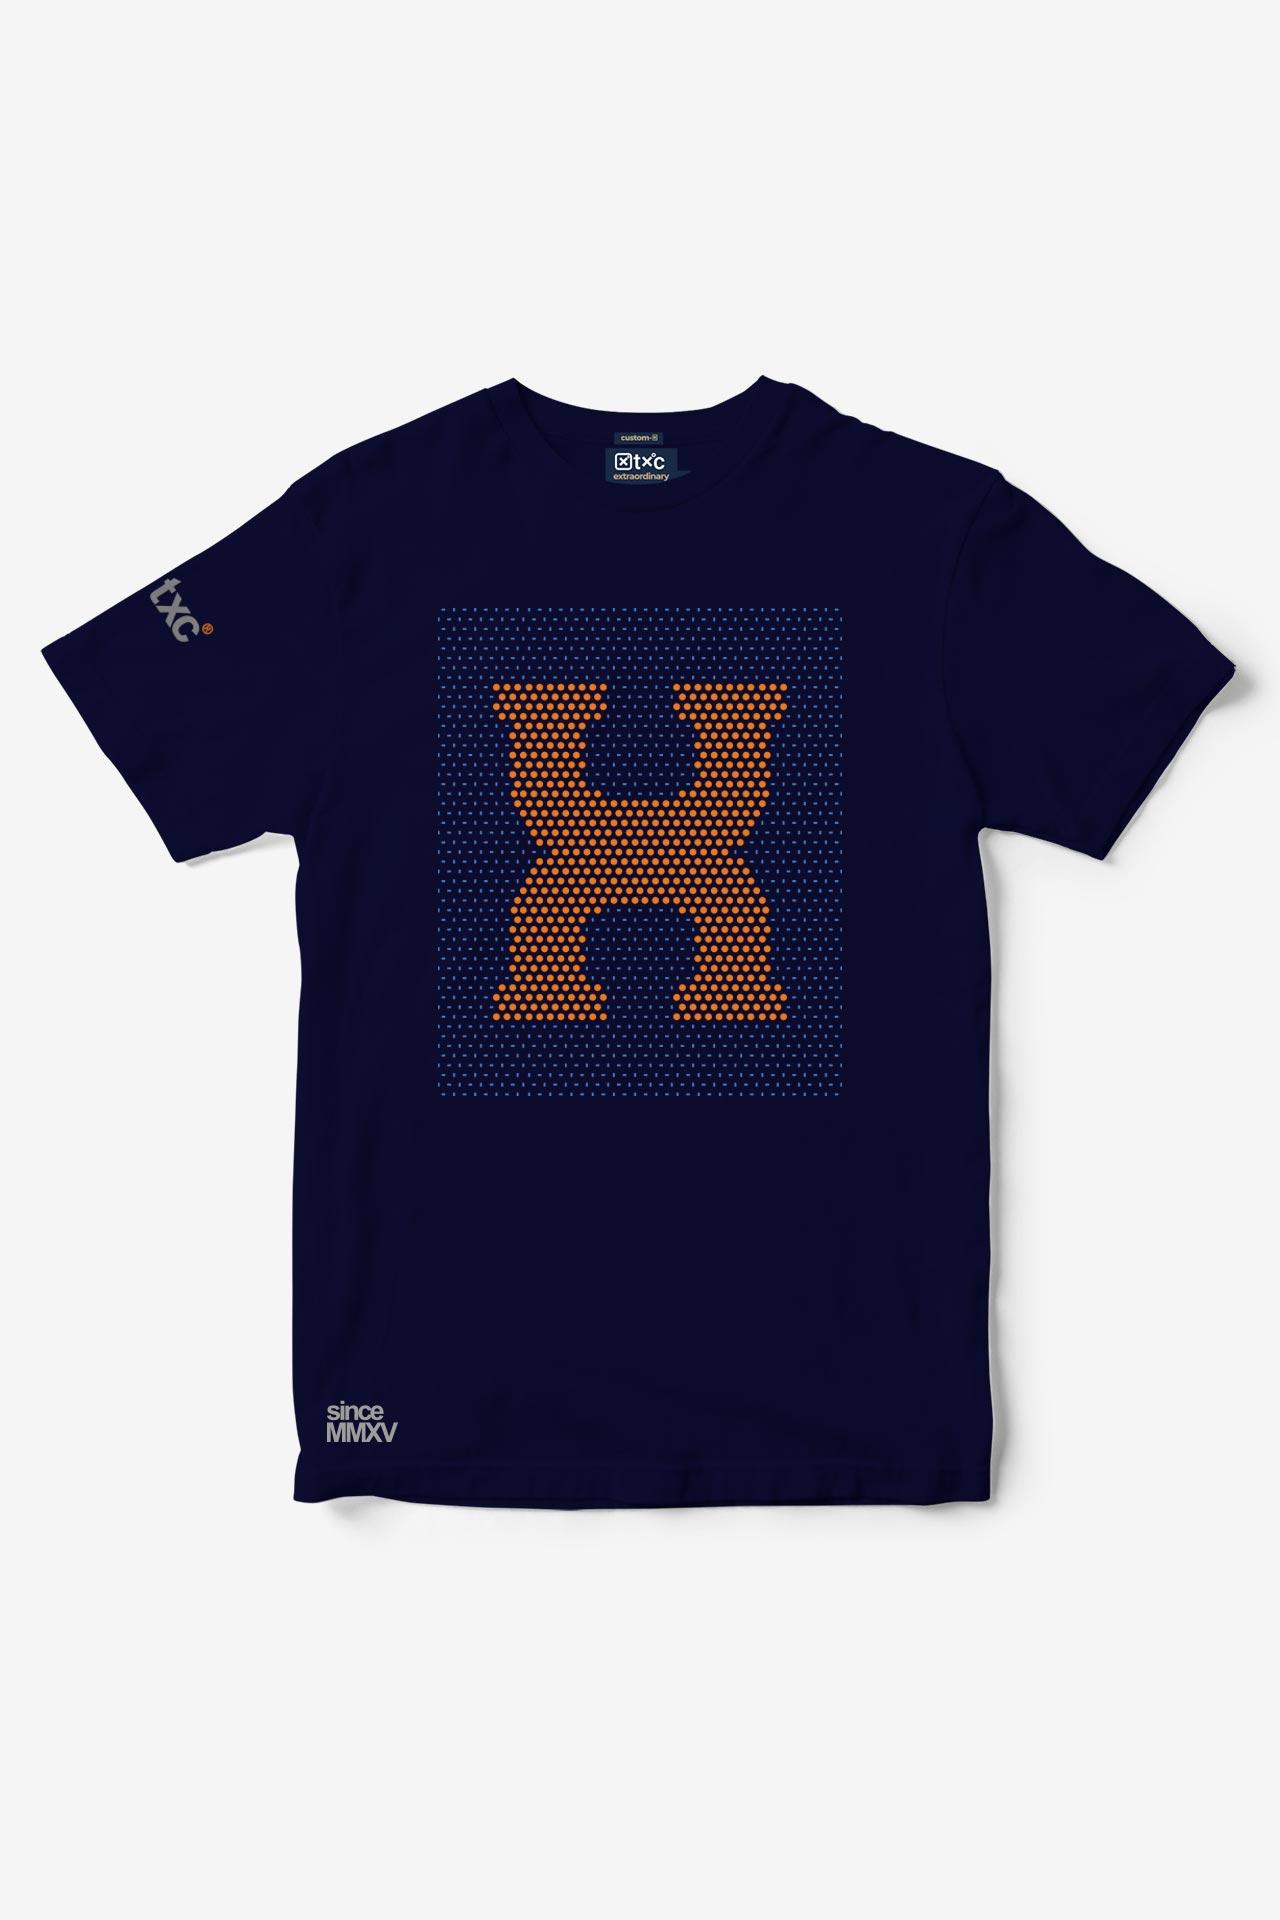 Camiseta TXC Brand 19117